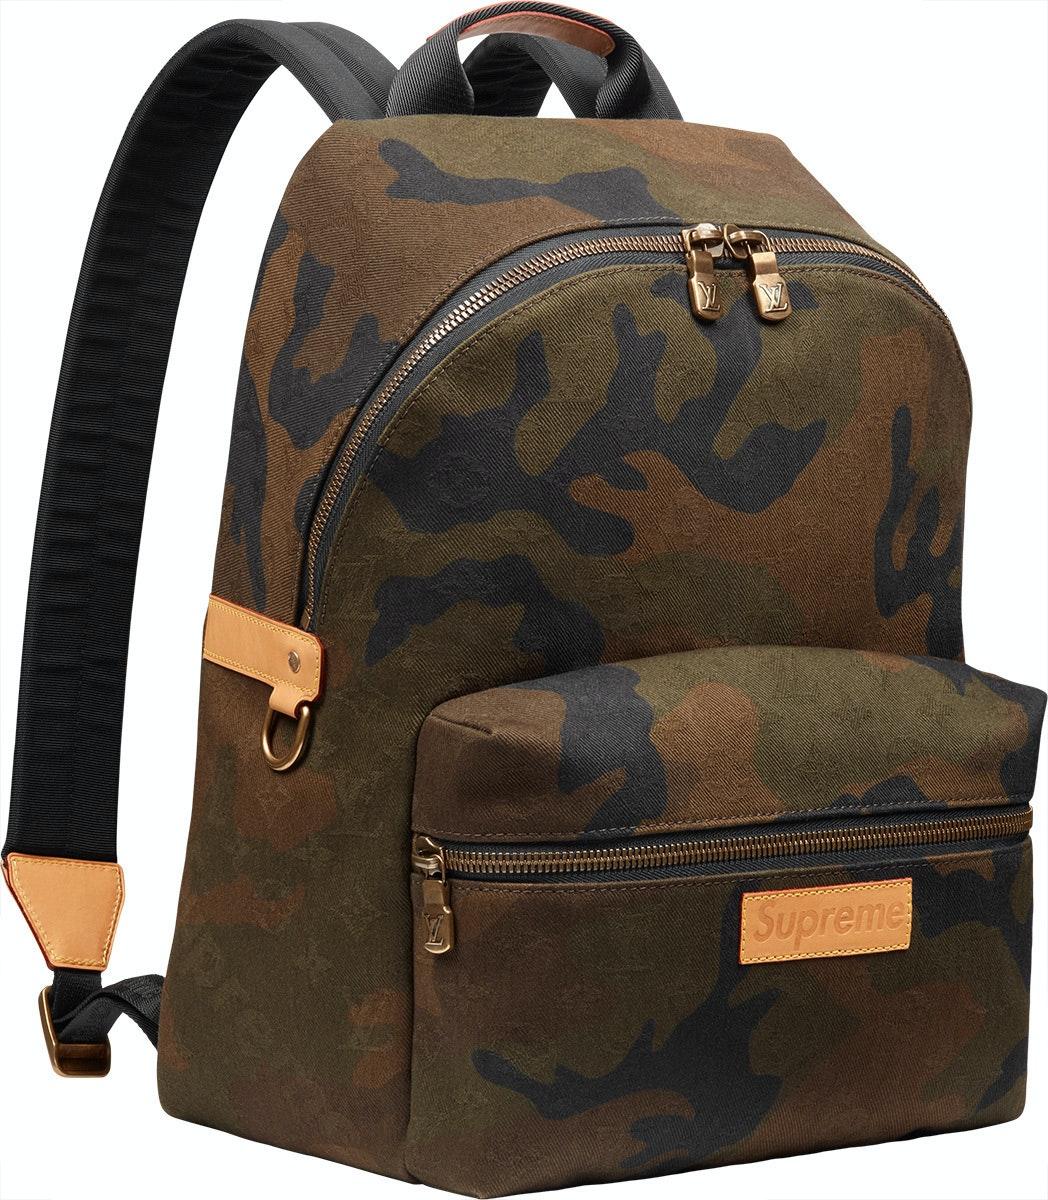 Louis Vuitton x Supreme Apollo Backpack Monogram Camo